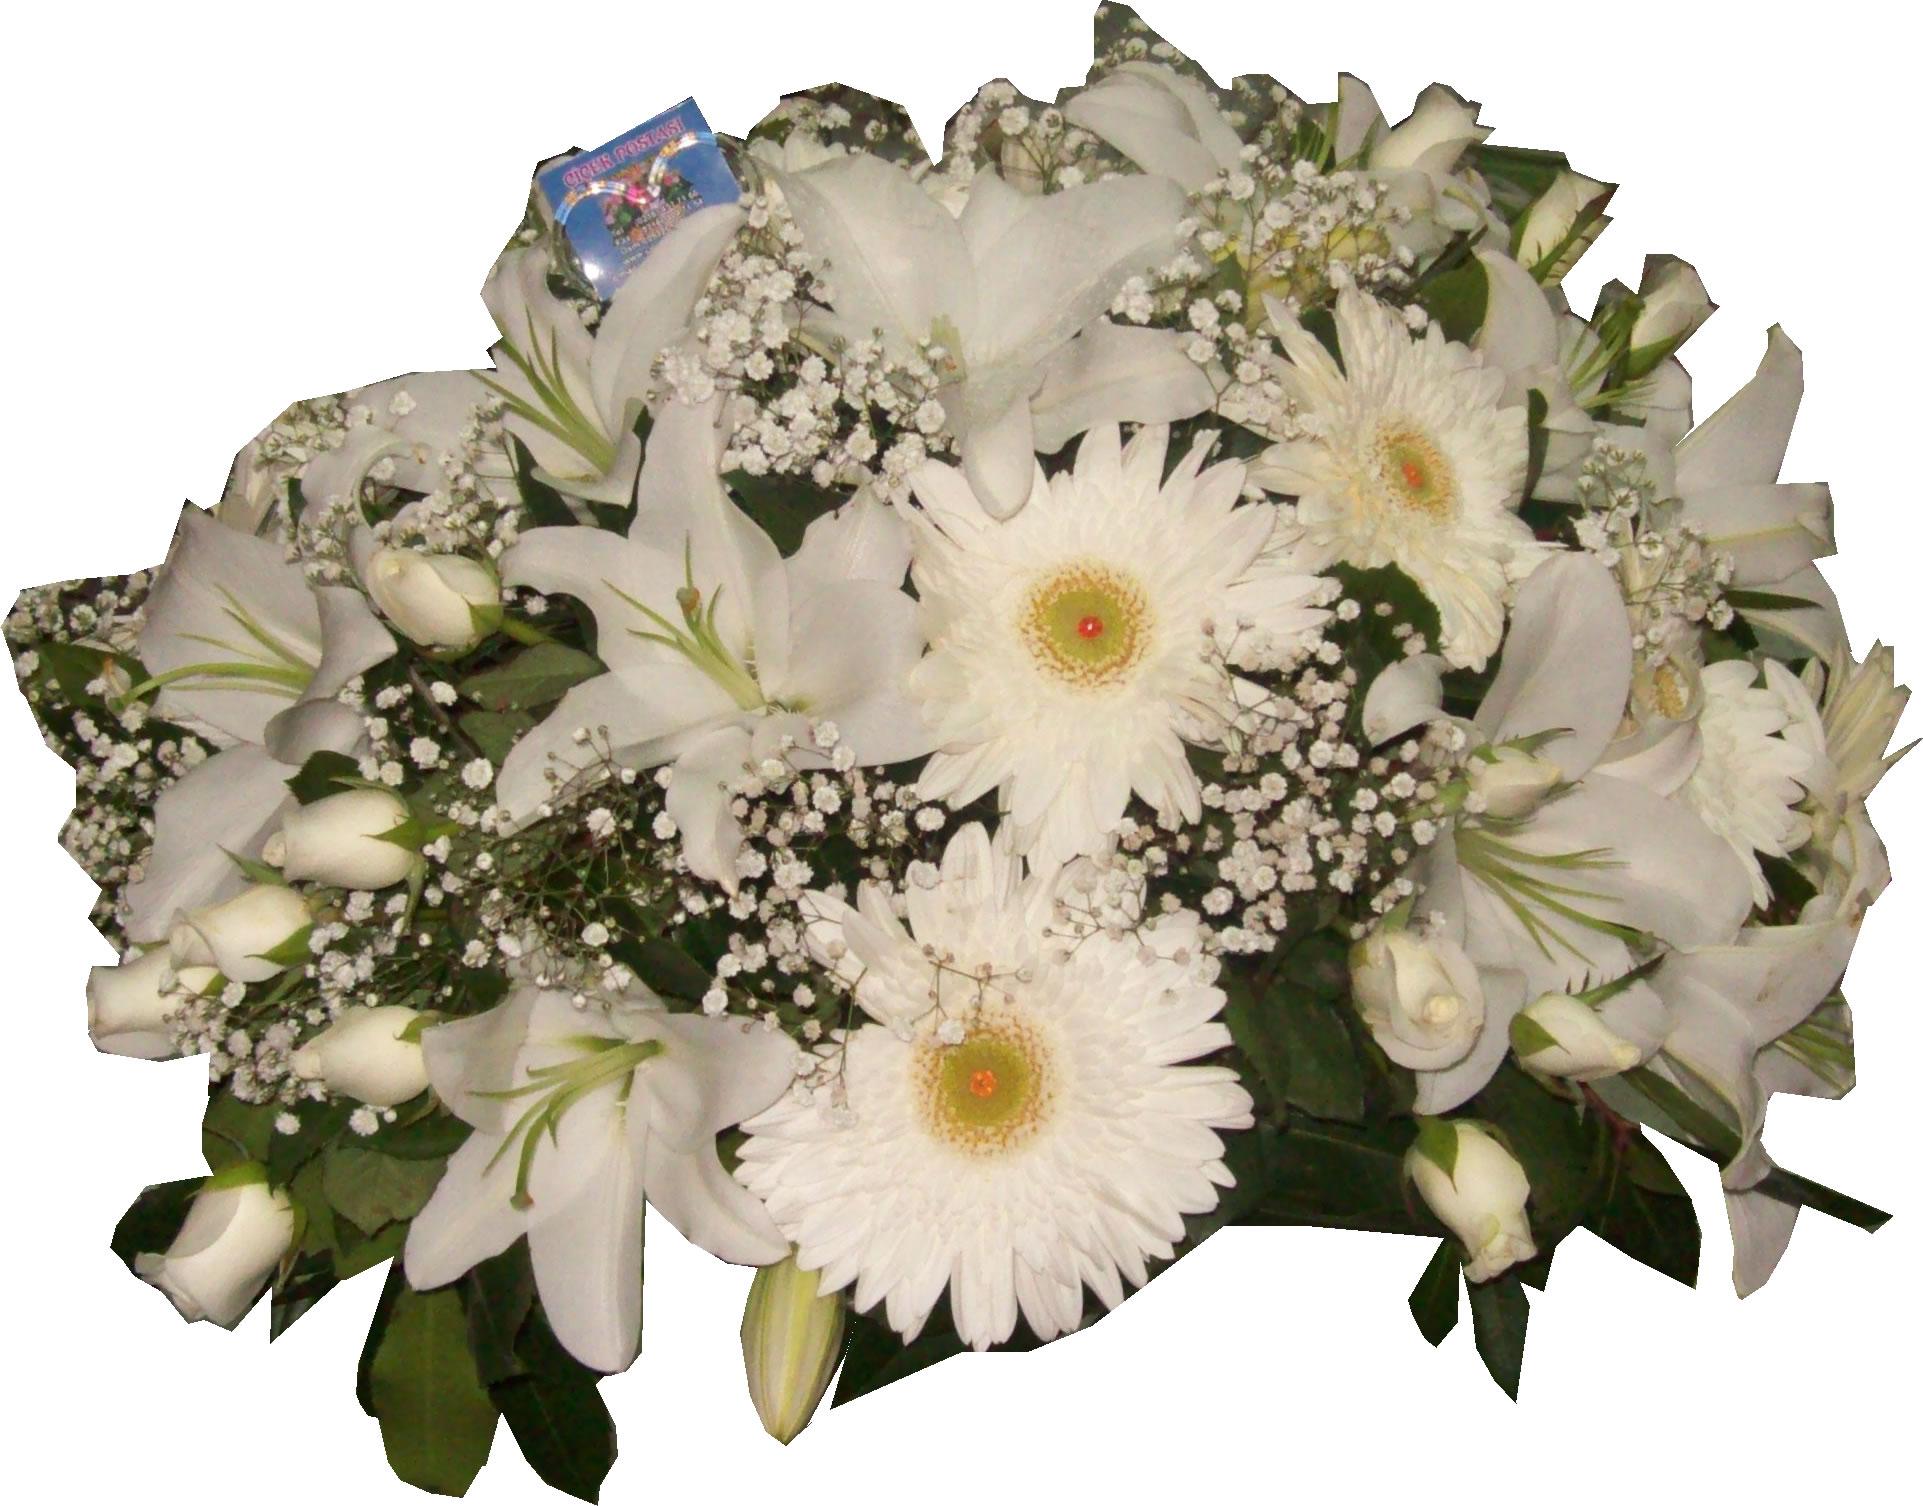 Beyaz lilyumlar ve güllerle hazırlanmış masa aranjmanı